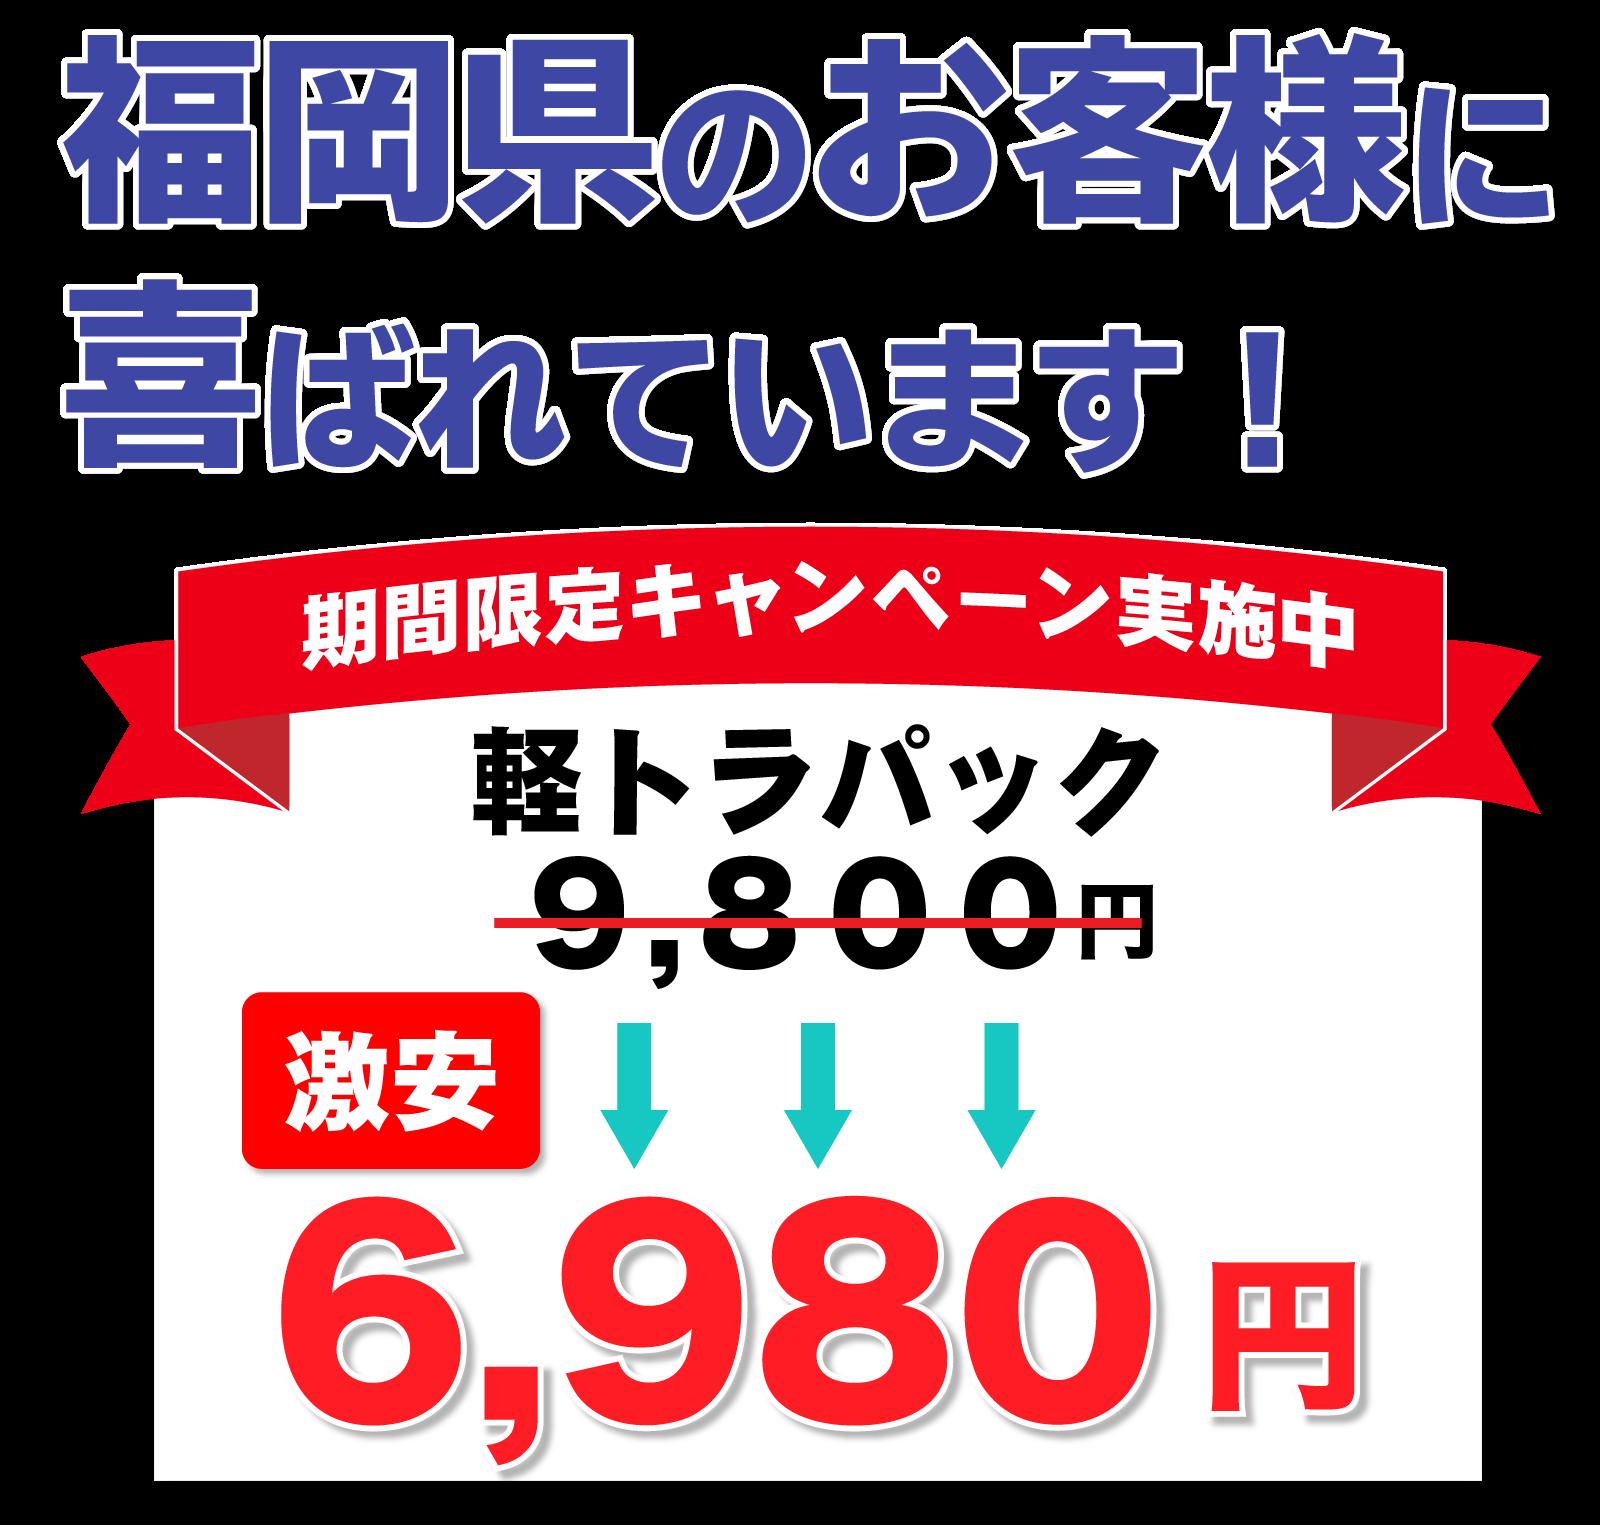 福岡県那珂川市の不用品回収はエコワークスにお任せ下さい。お片付けや引越しや大型ごみなどの不用品を激安で回収してます。軽トラパック安心パックキャンペーン